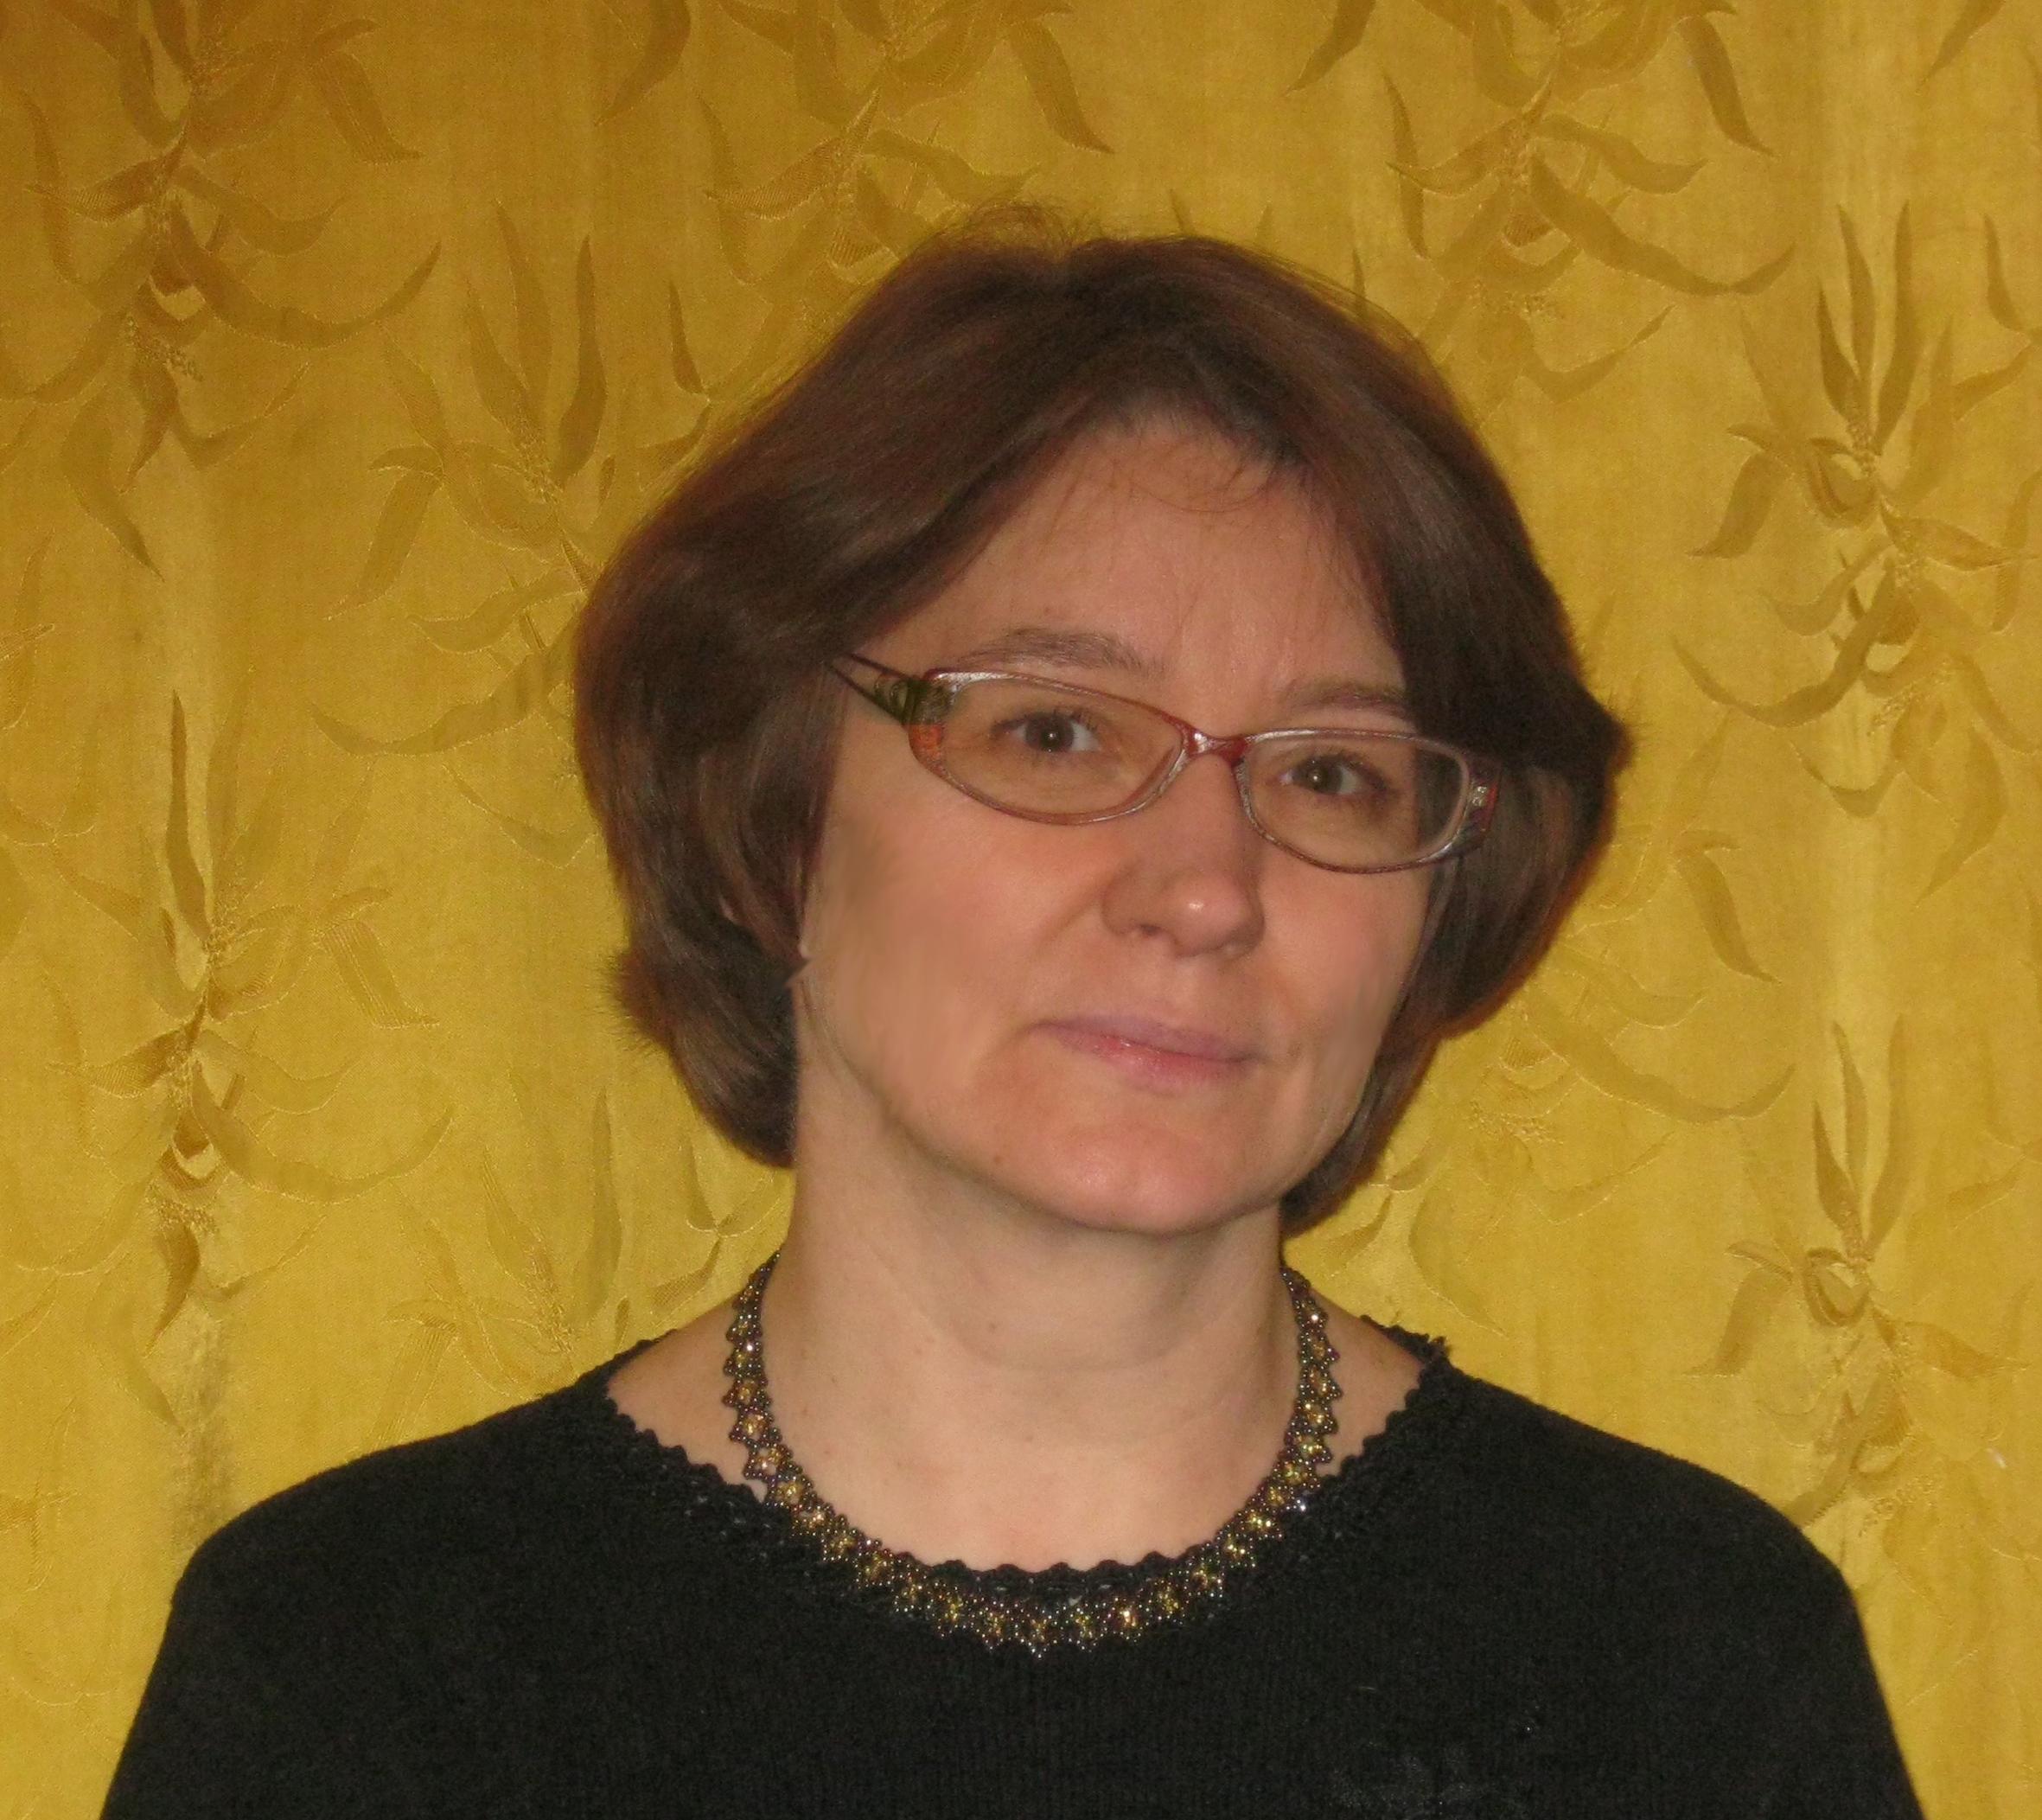 Anna Wolynska